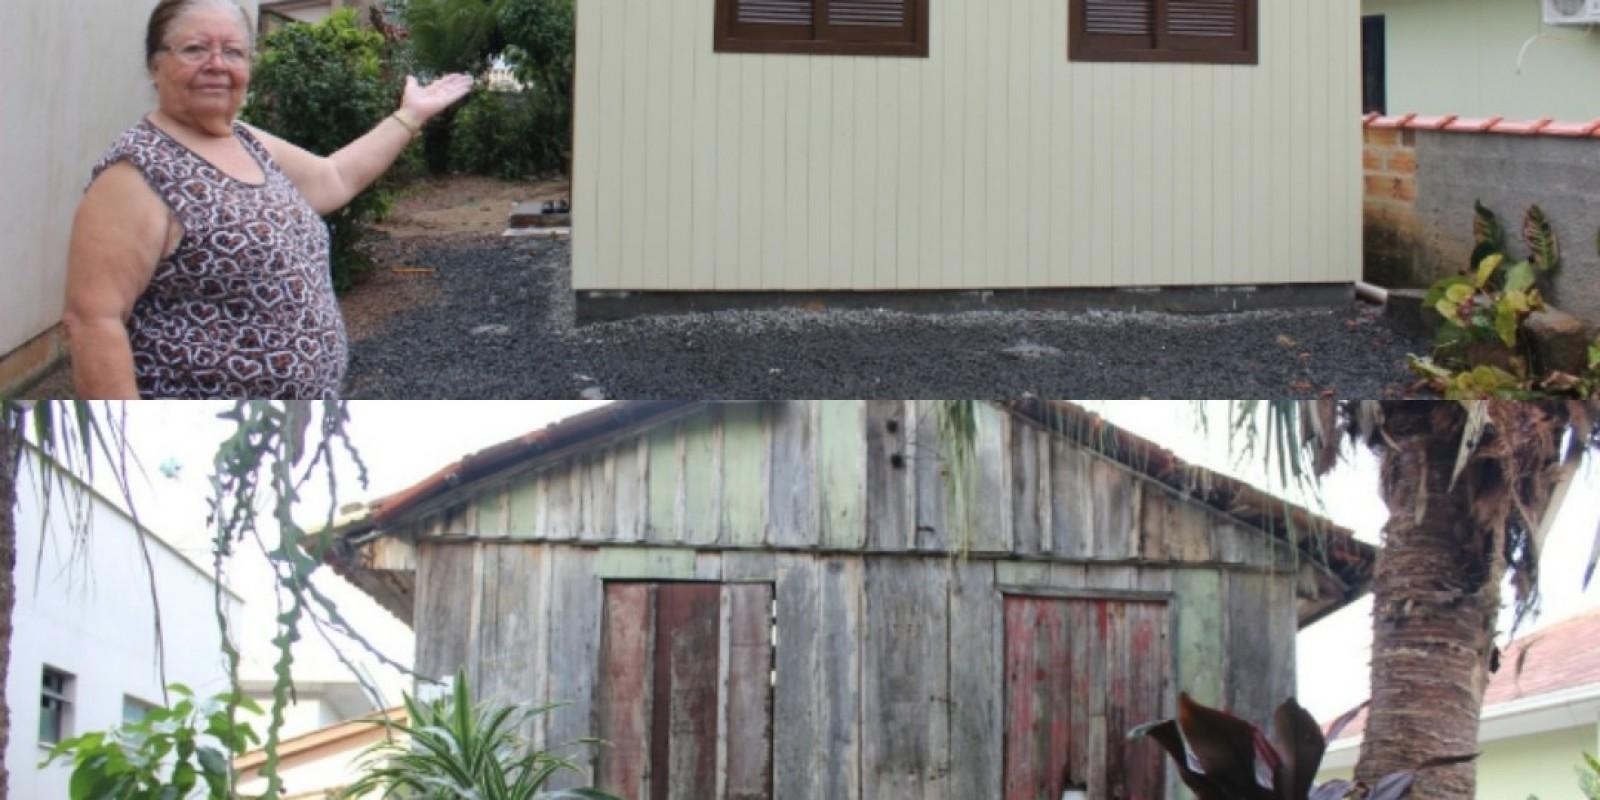 A felicidade de Dona Emília, 72 anos, ao entrar na casa nova construída há várias mãos